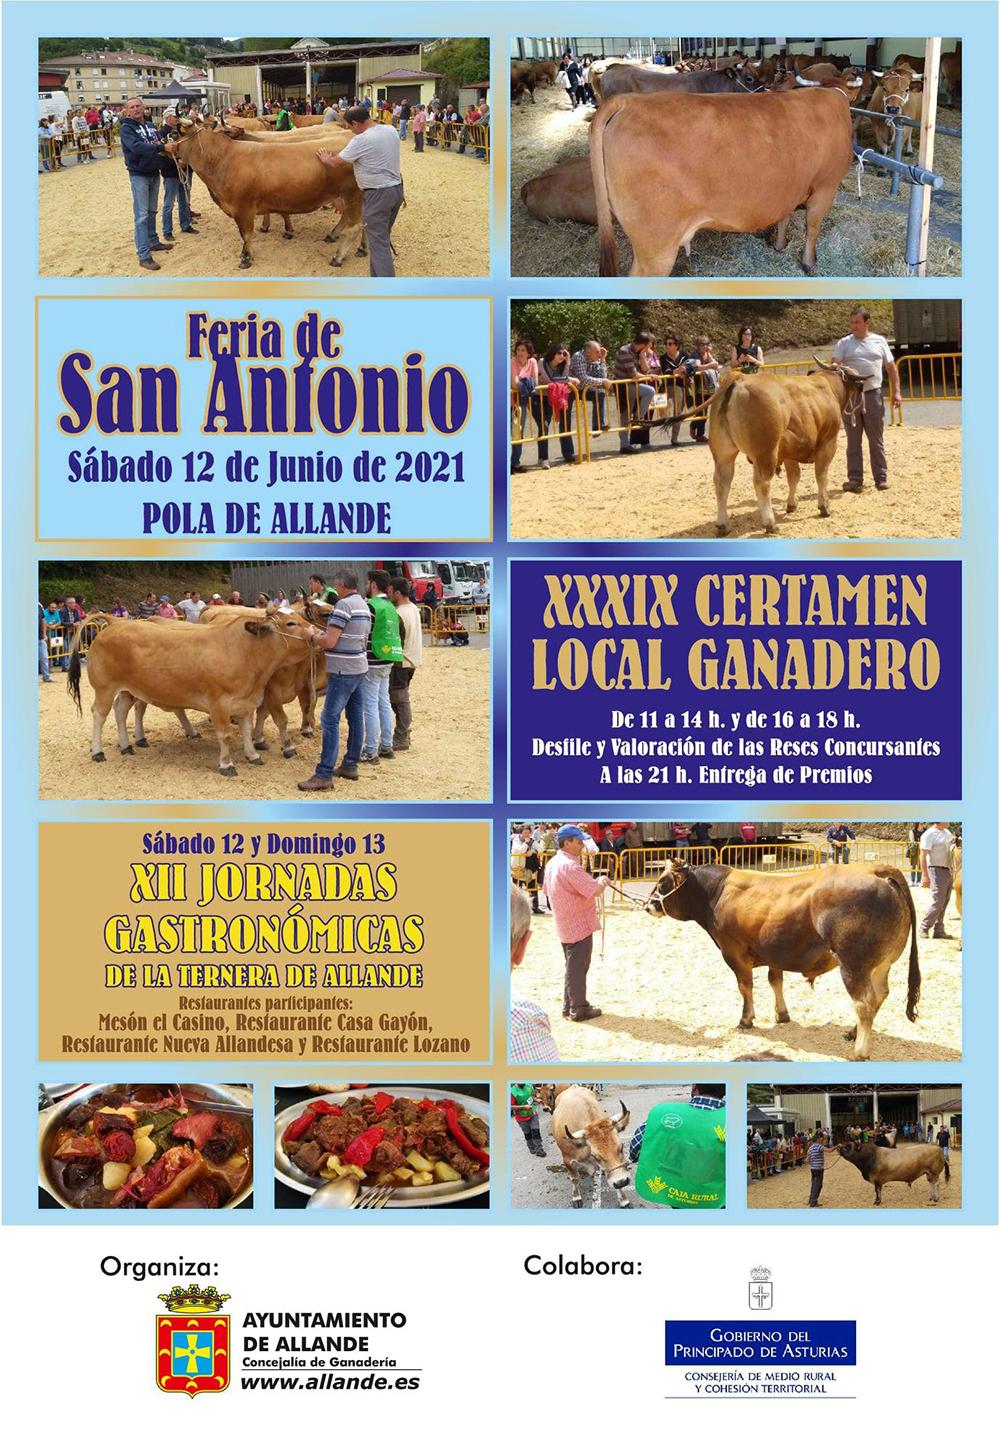 Allande. El sábado Feria de San Antonio